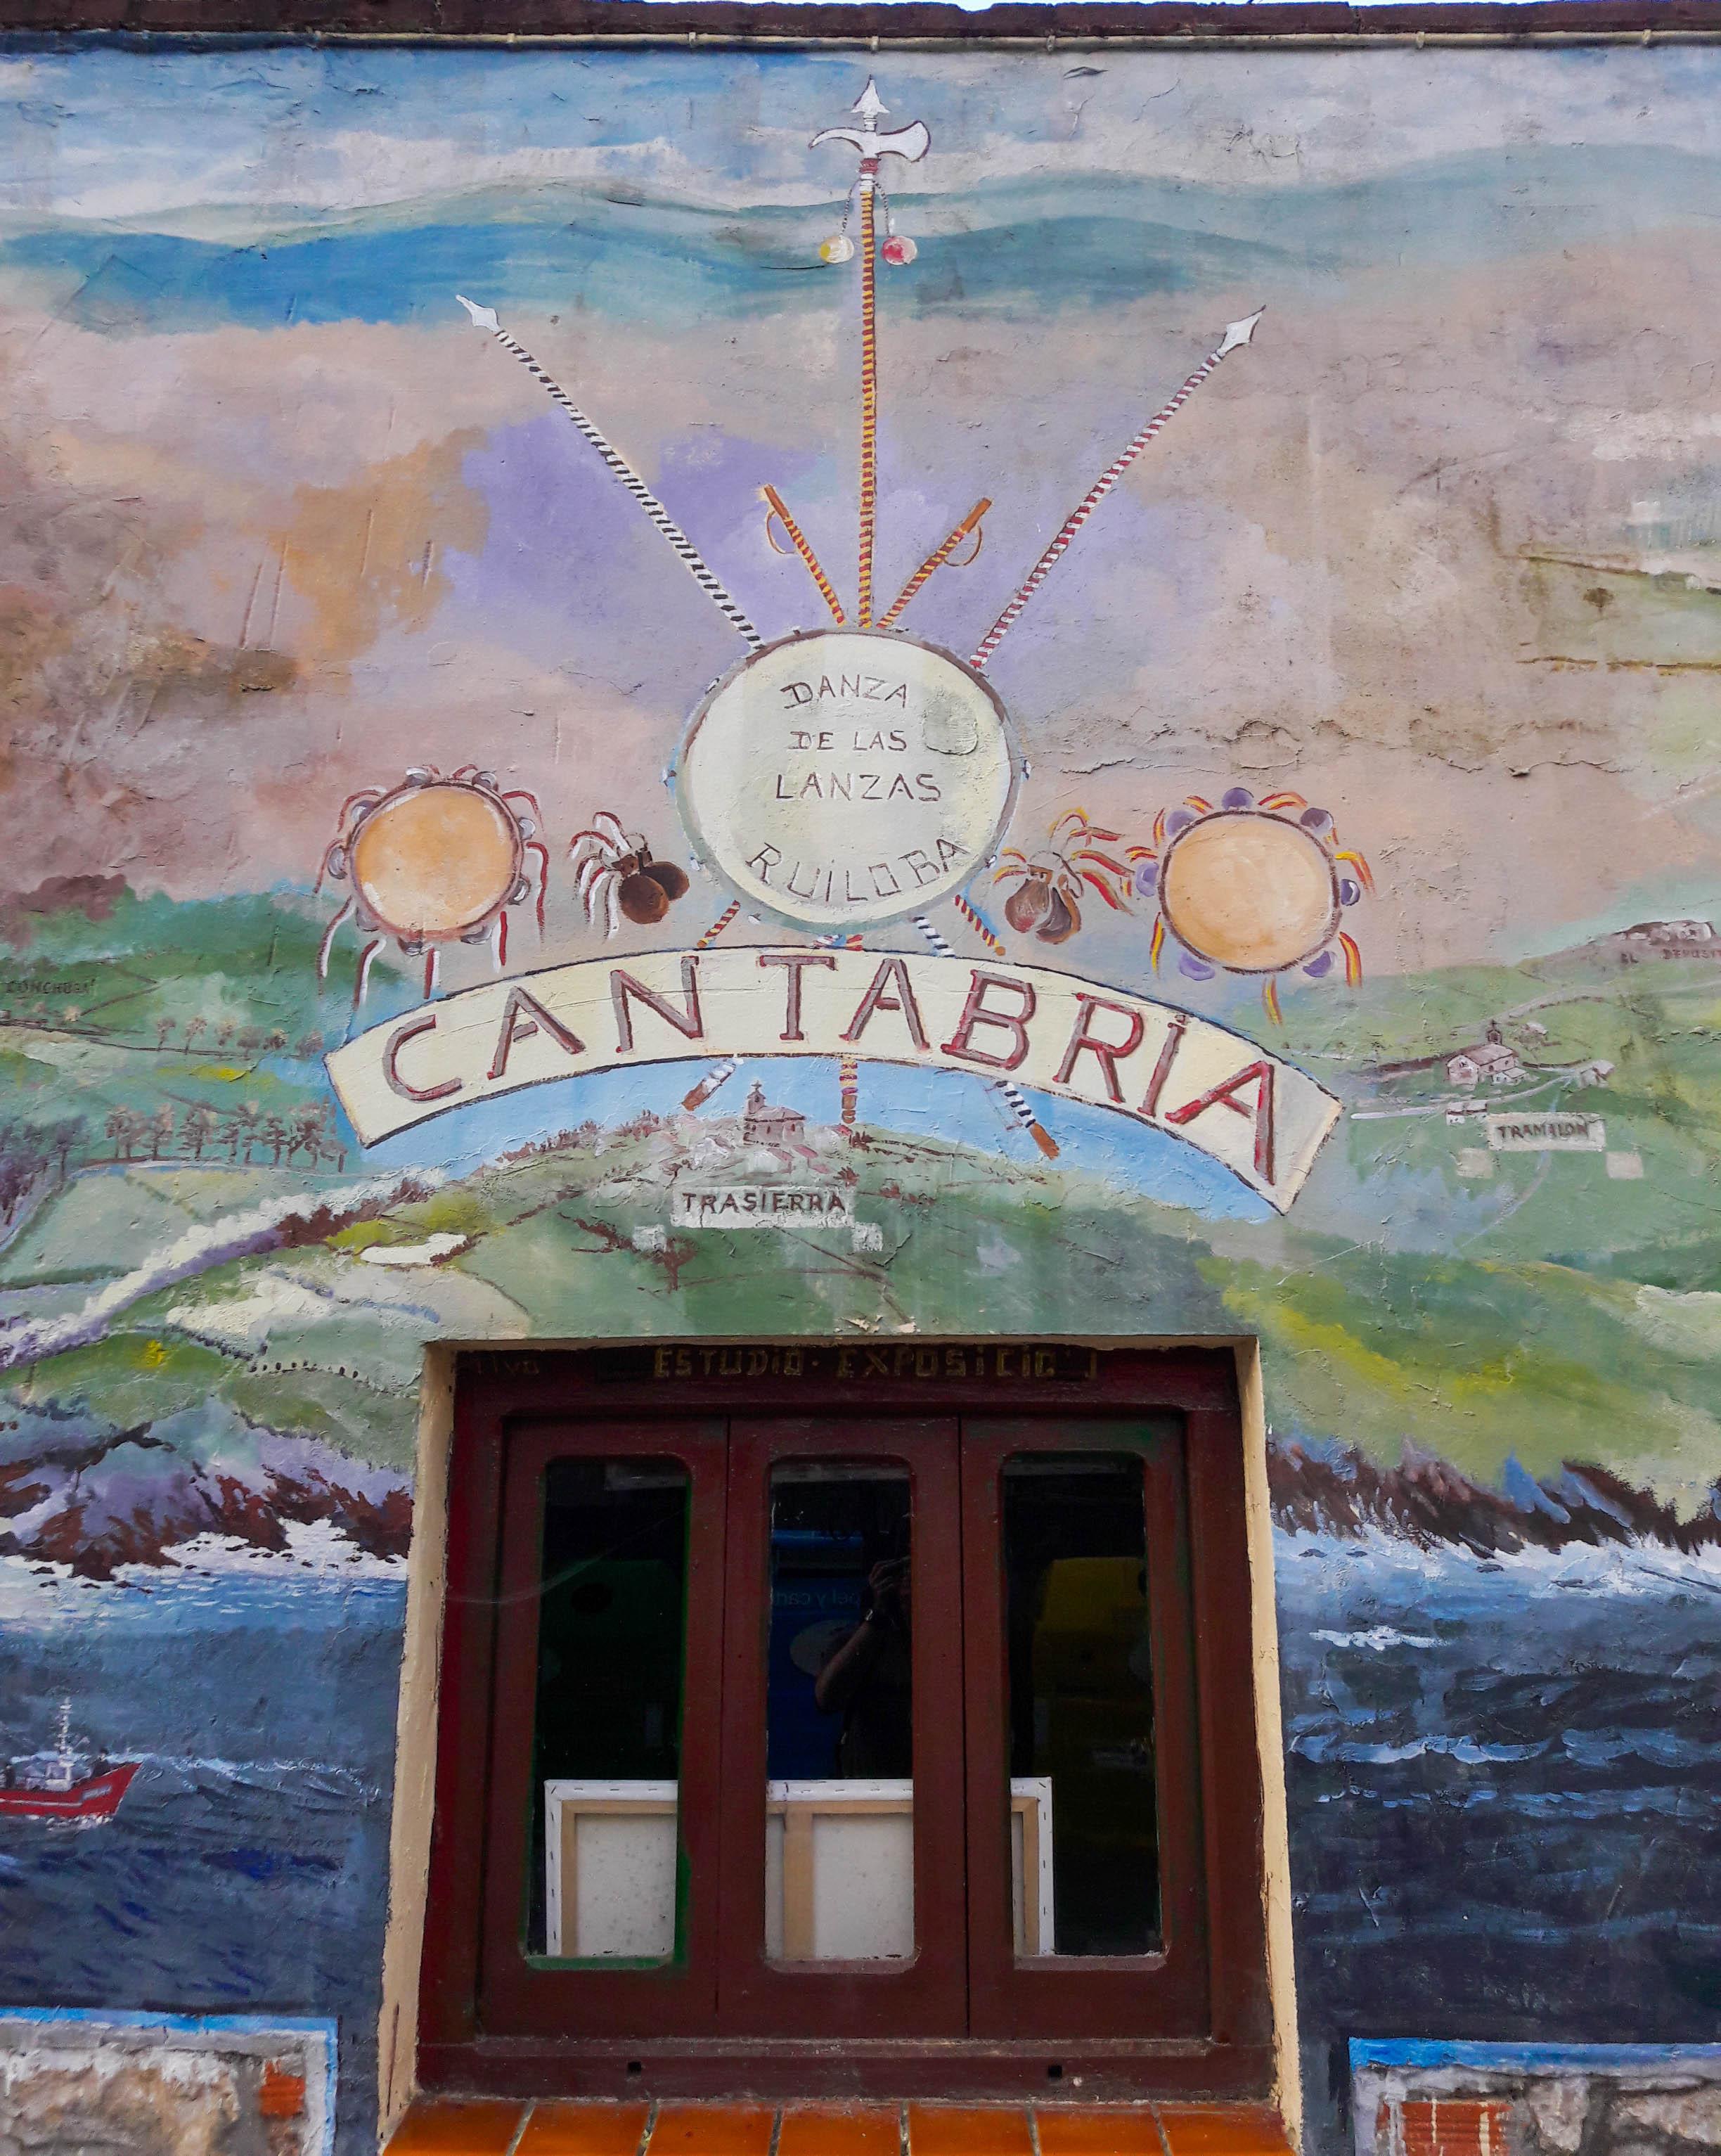 Cantabria mural